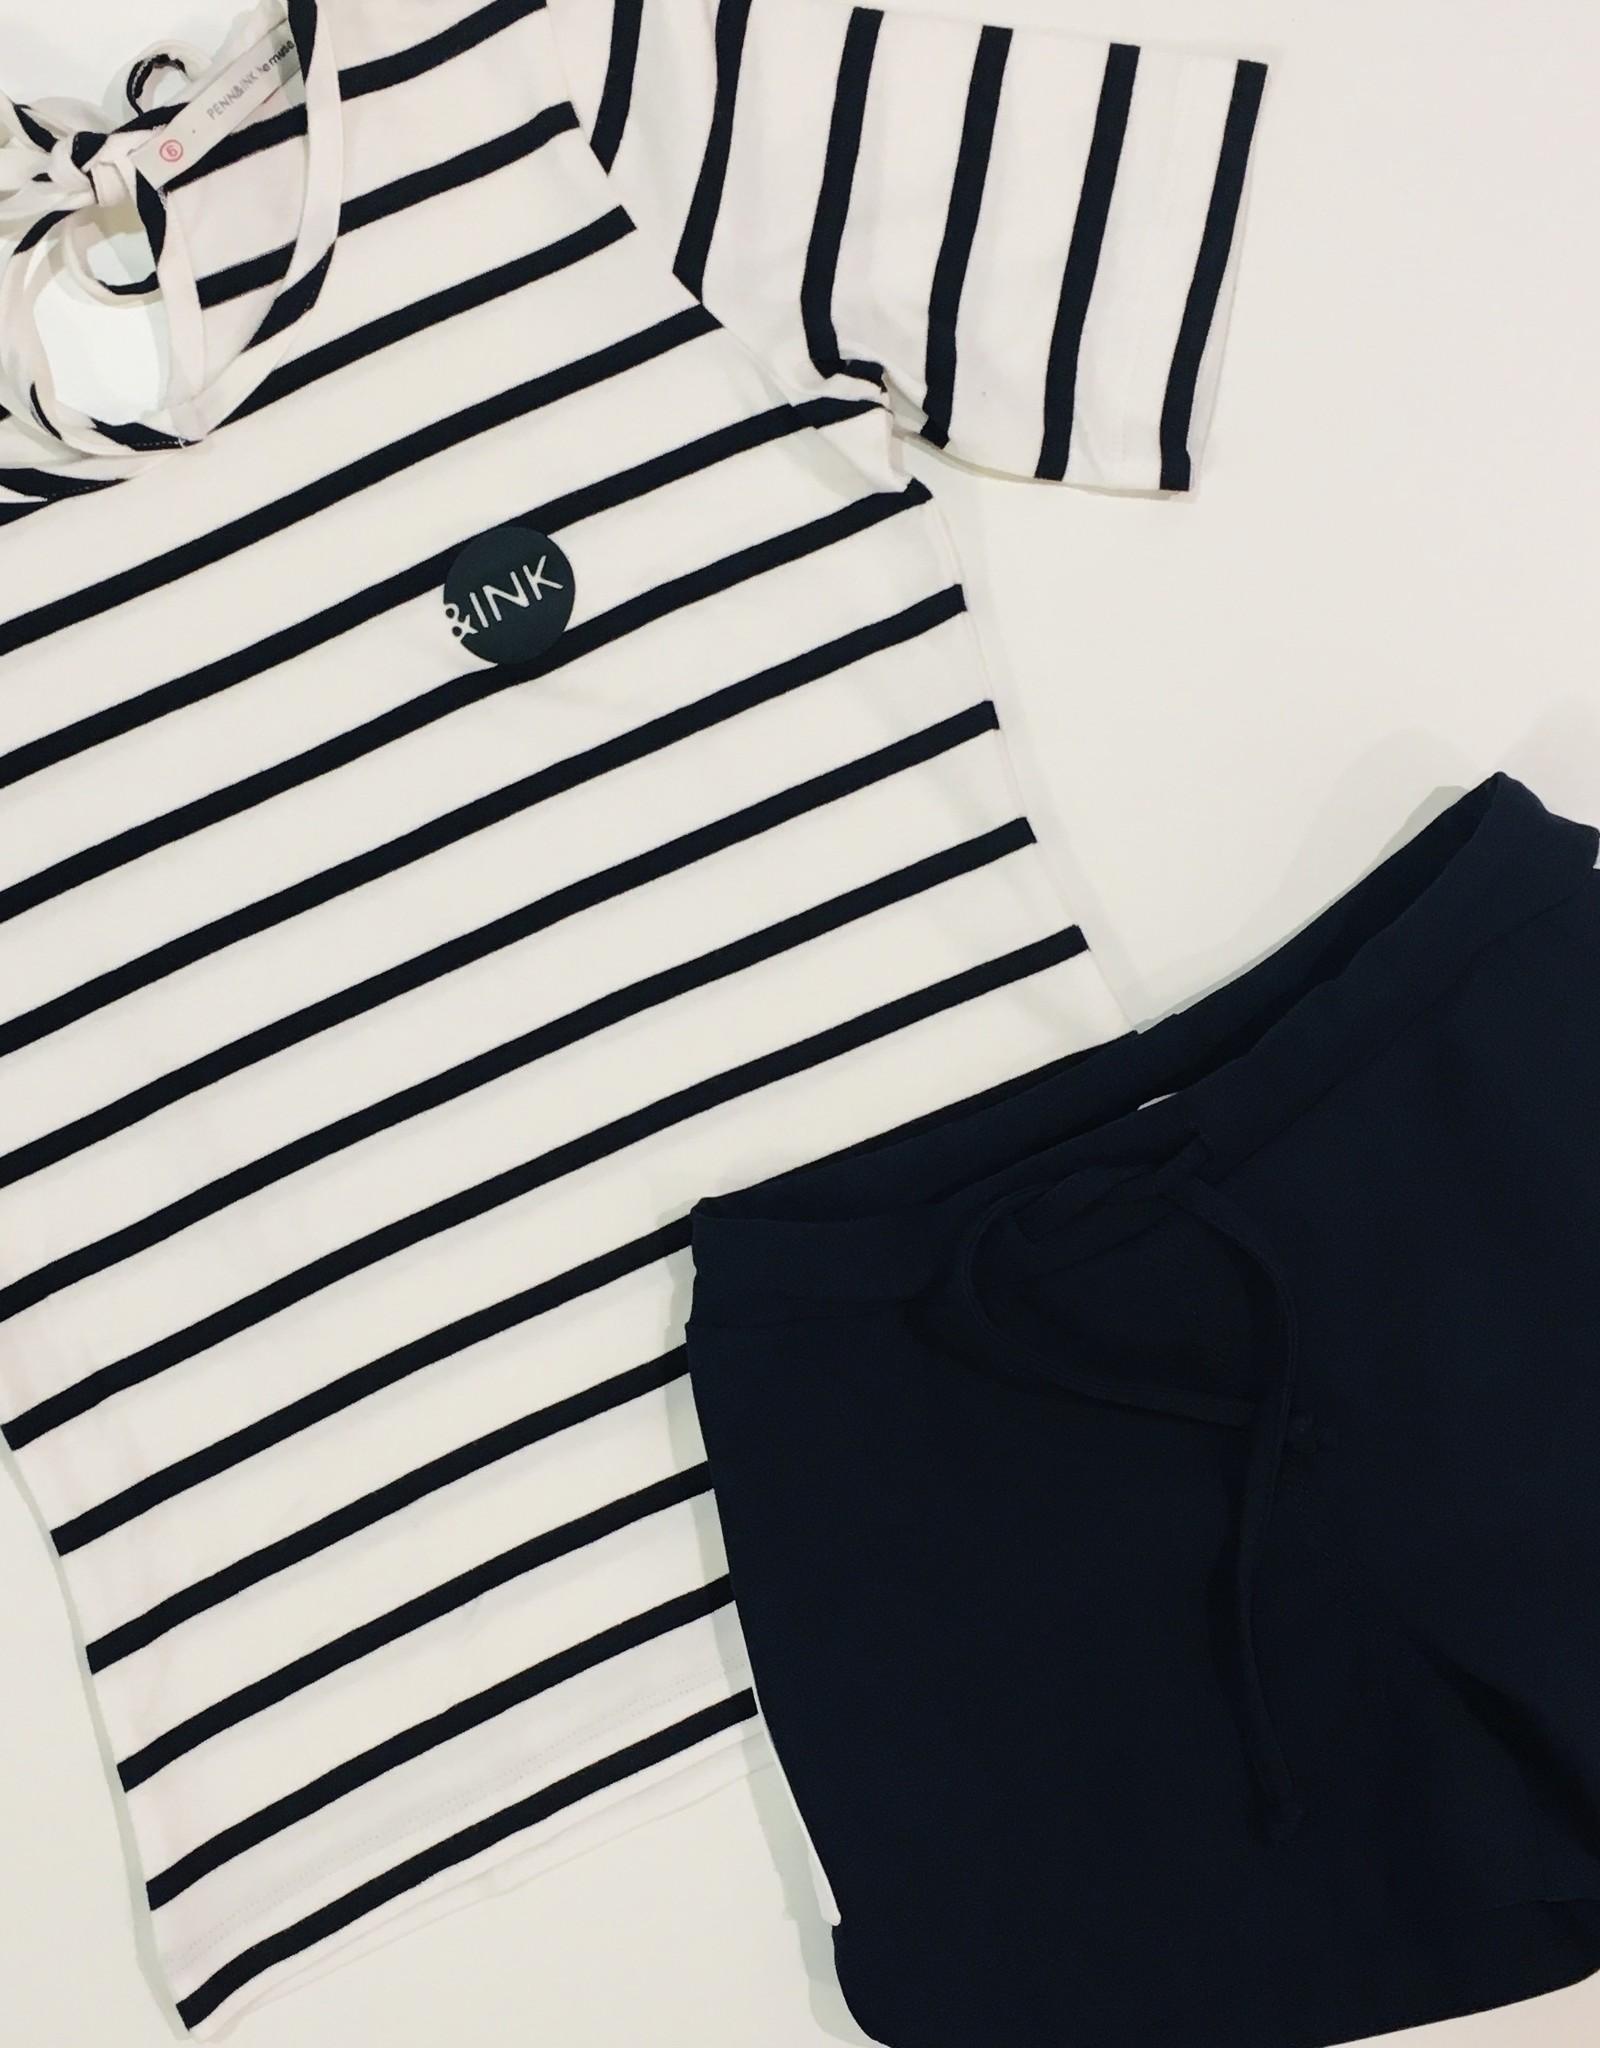 Penn & Ink N.Y. T-shirt Big Stripe